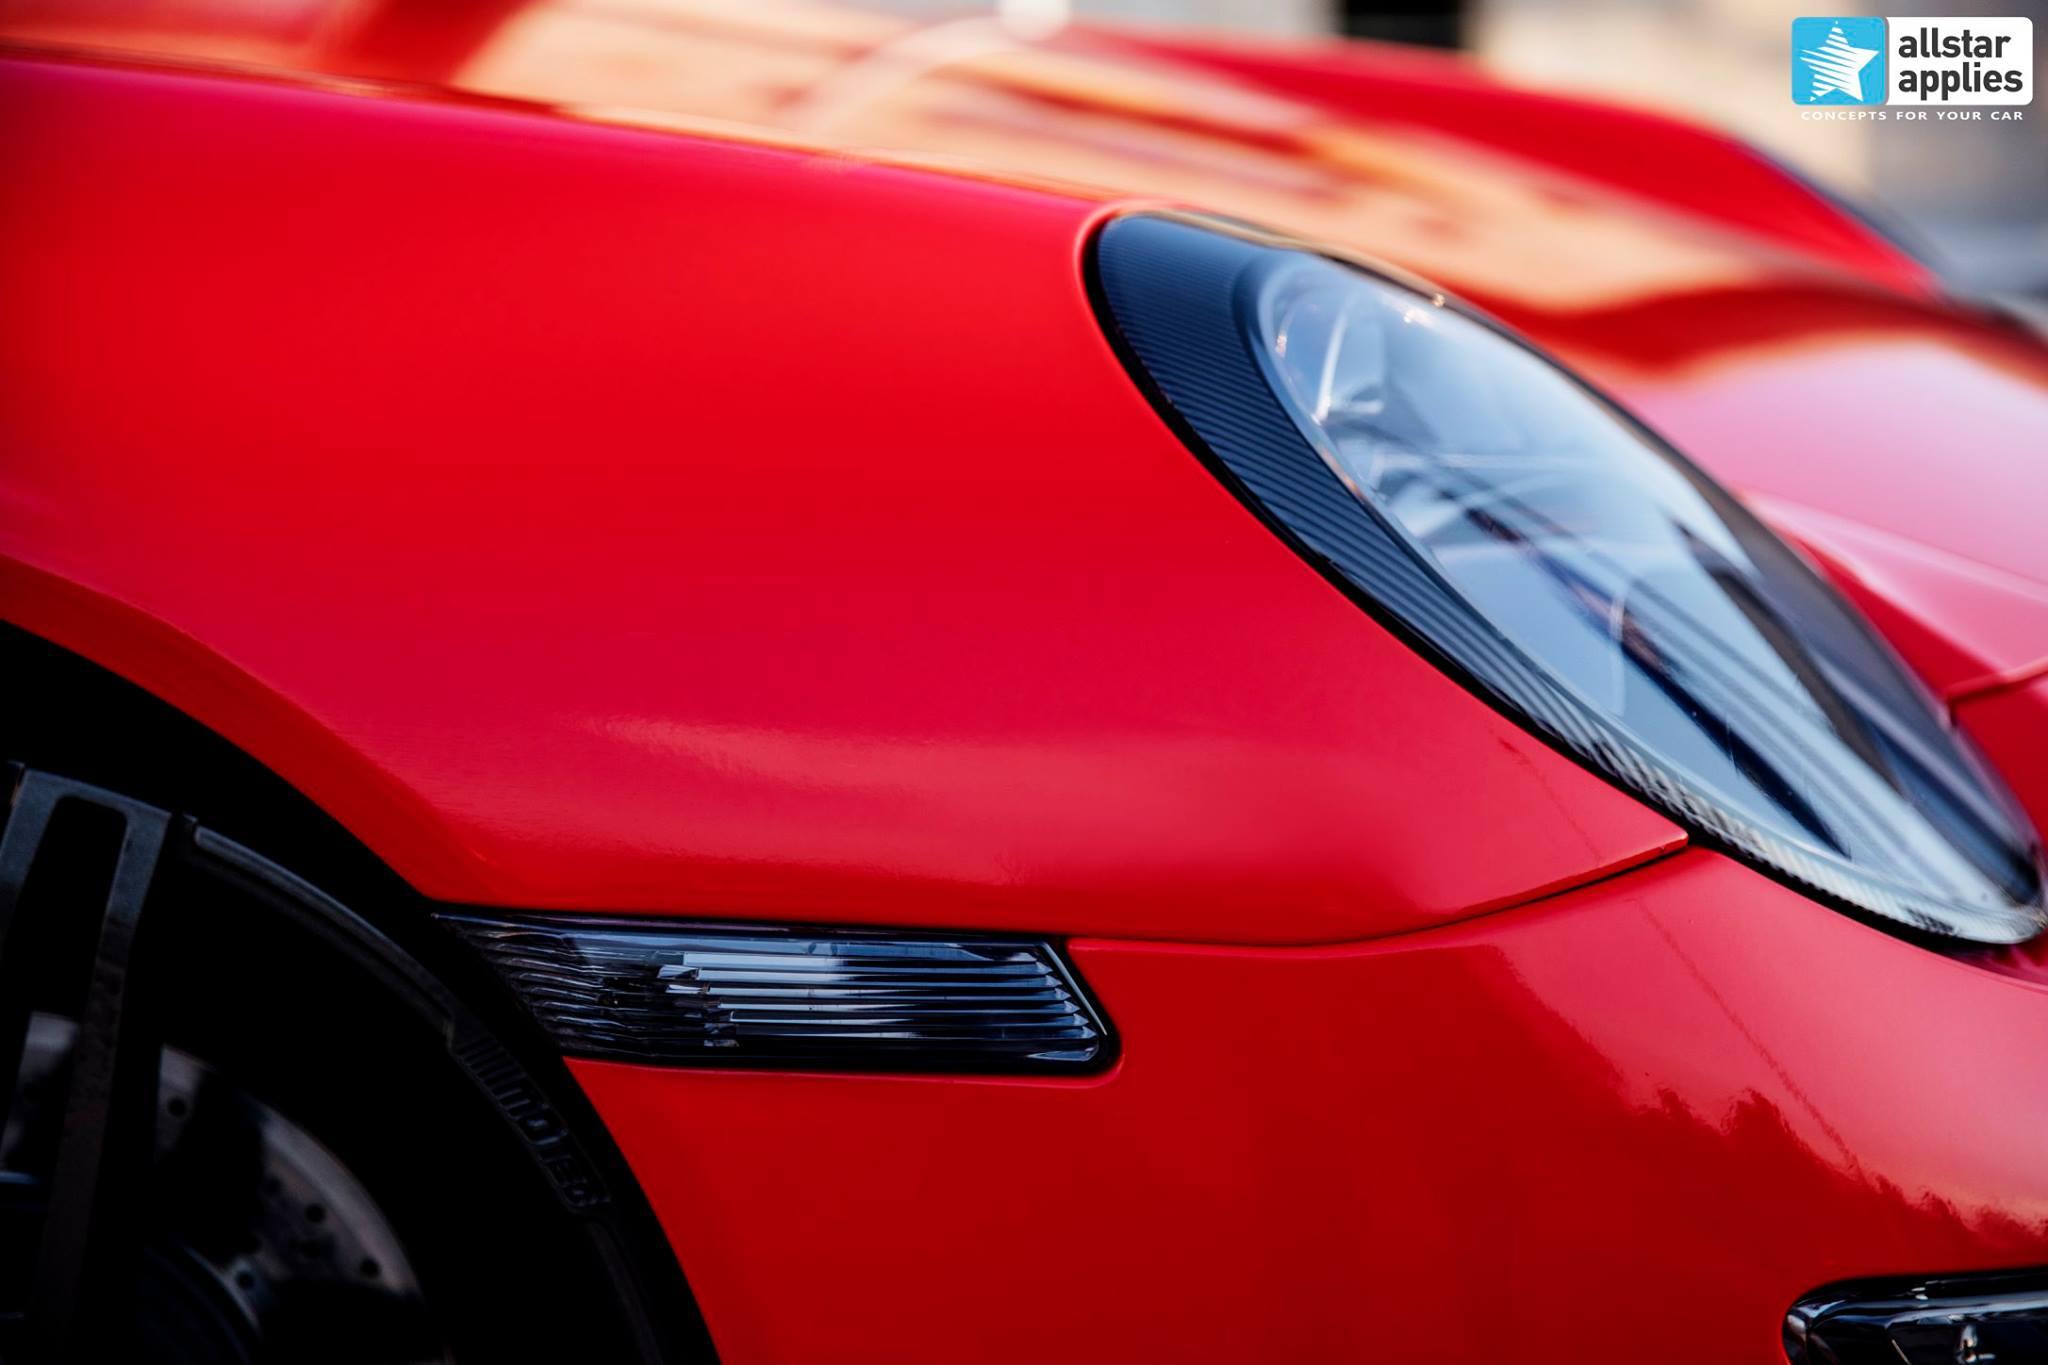 Porsche Carrera 4S - Redhot Gloss (10)